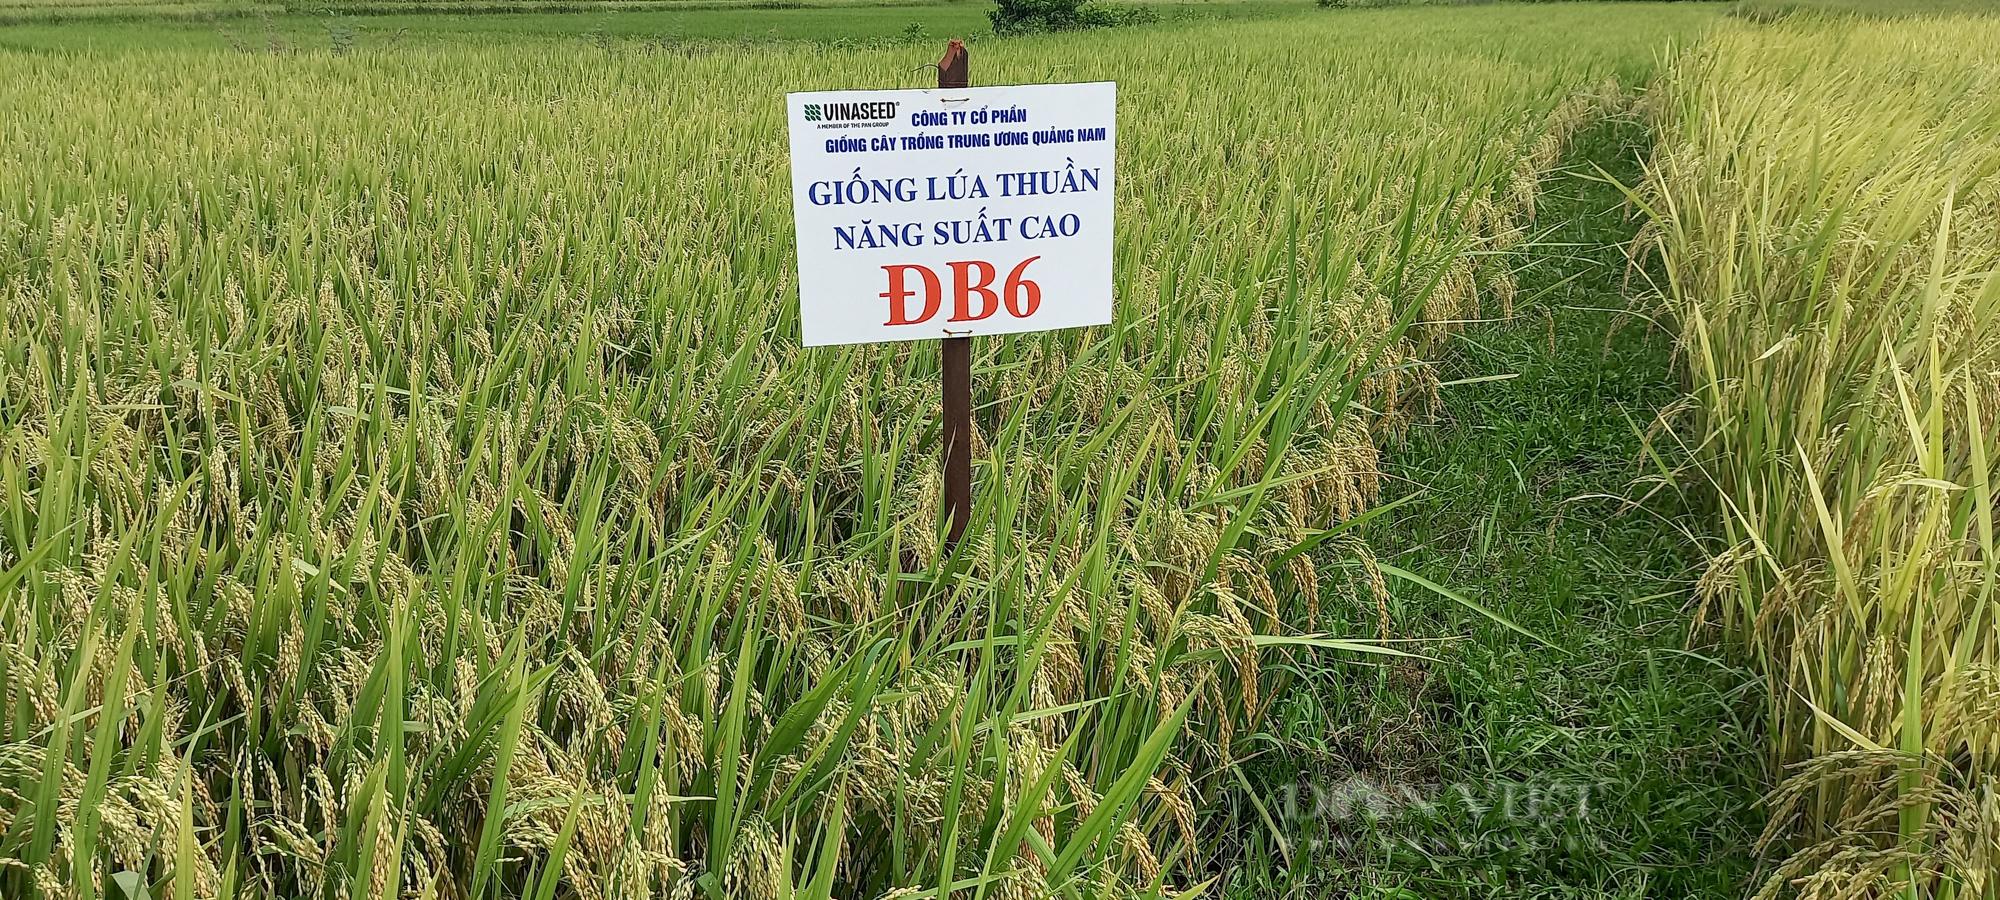 Quảng Ngãi: Nông dân phấn khởi với các giống lúa mới của Vinaseed chống chịu được thời tiết khắc nghiệt - Ảnh 6.